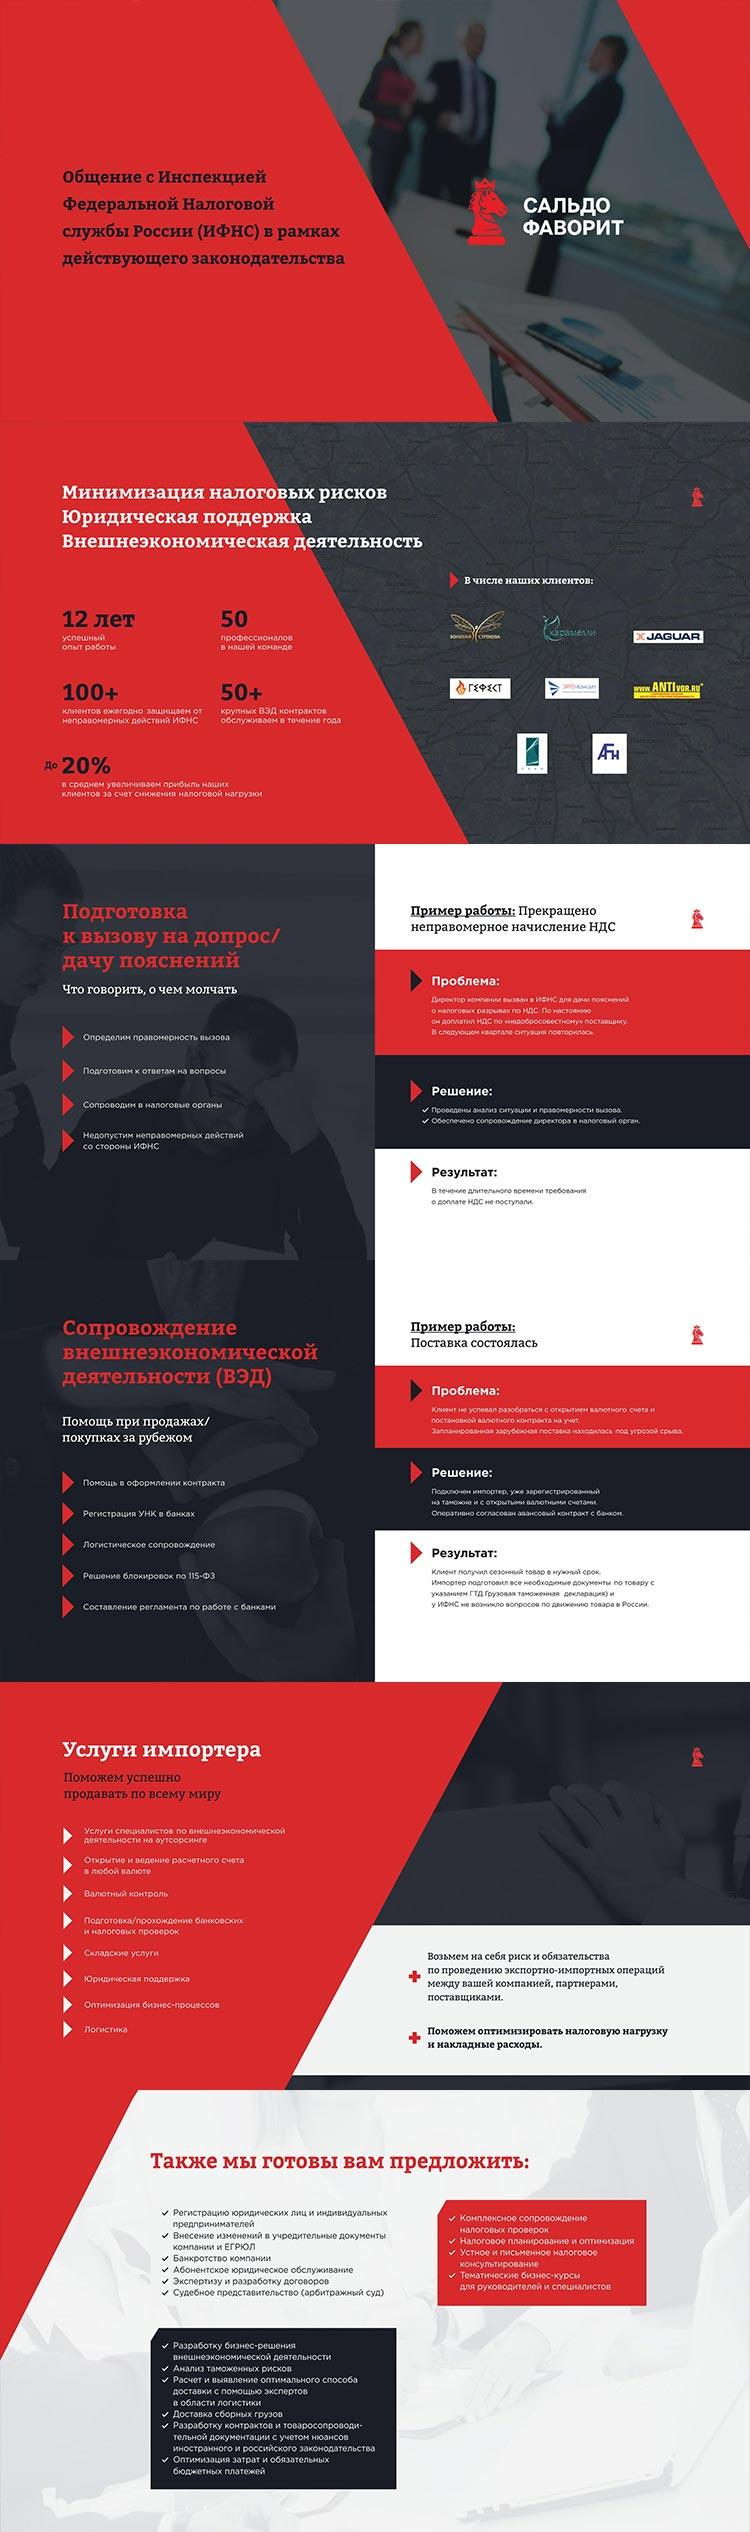 zakazat-Prezentacija-konsaltingovoj-kompanii